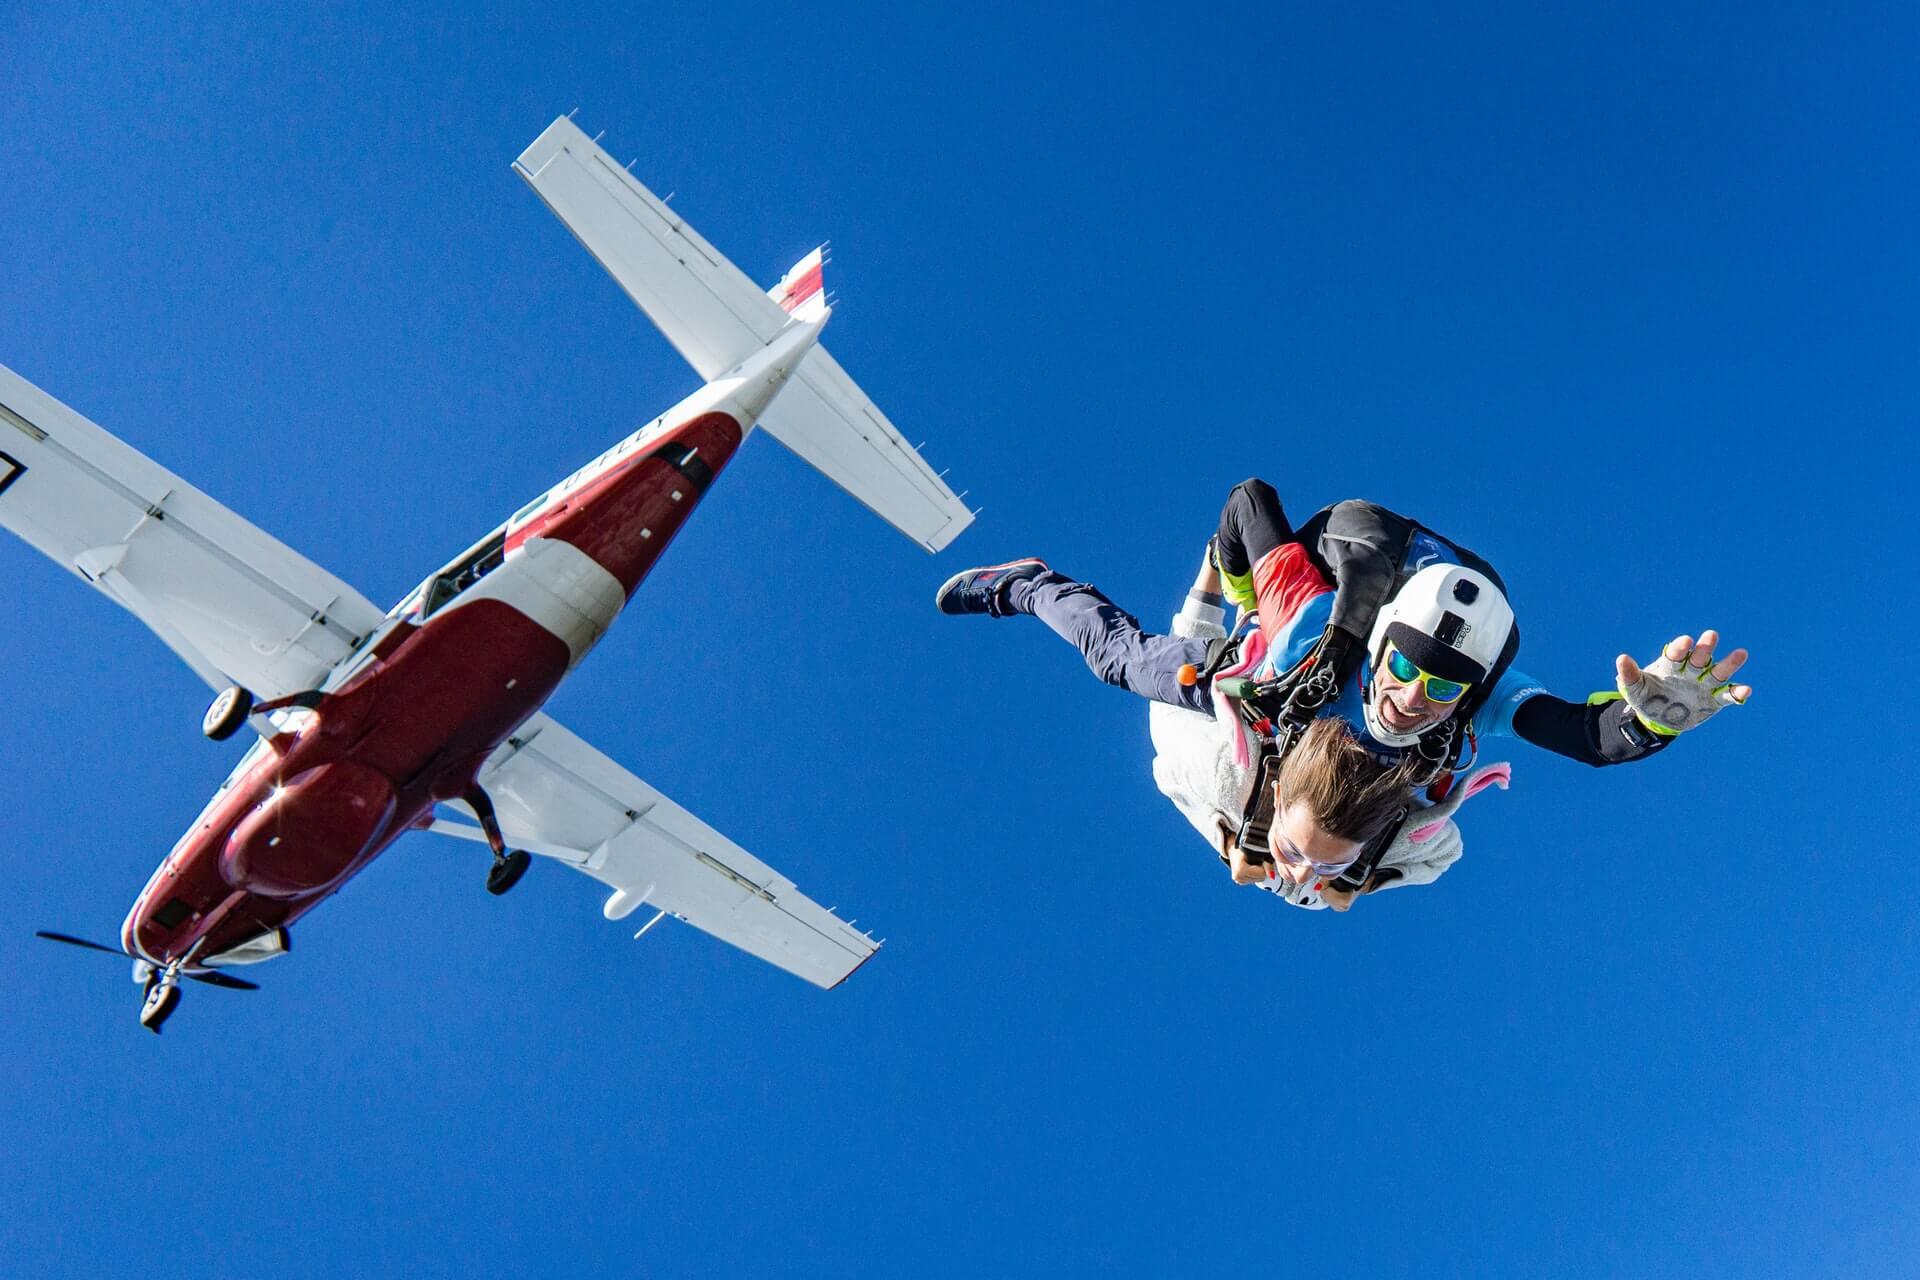 Photographie en contre-plongée d'un ou d'une parachutiste sautant d'un avion rouge, attachée en duo avec son moniteur